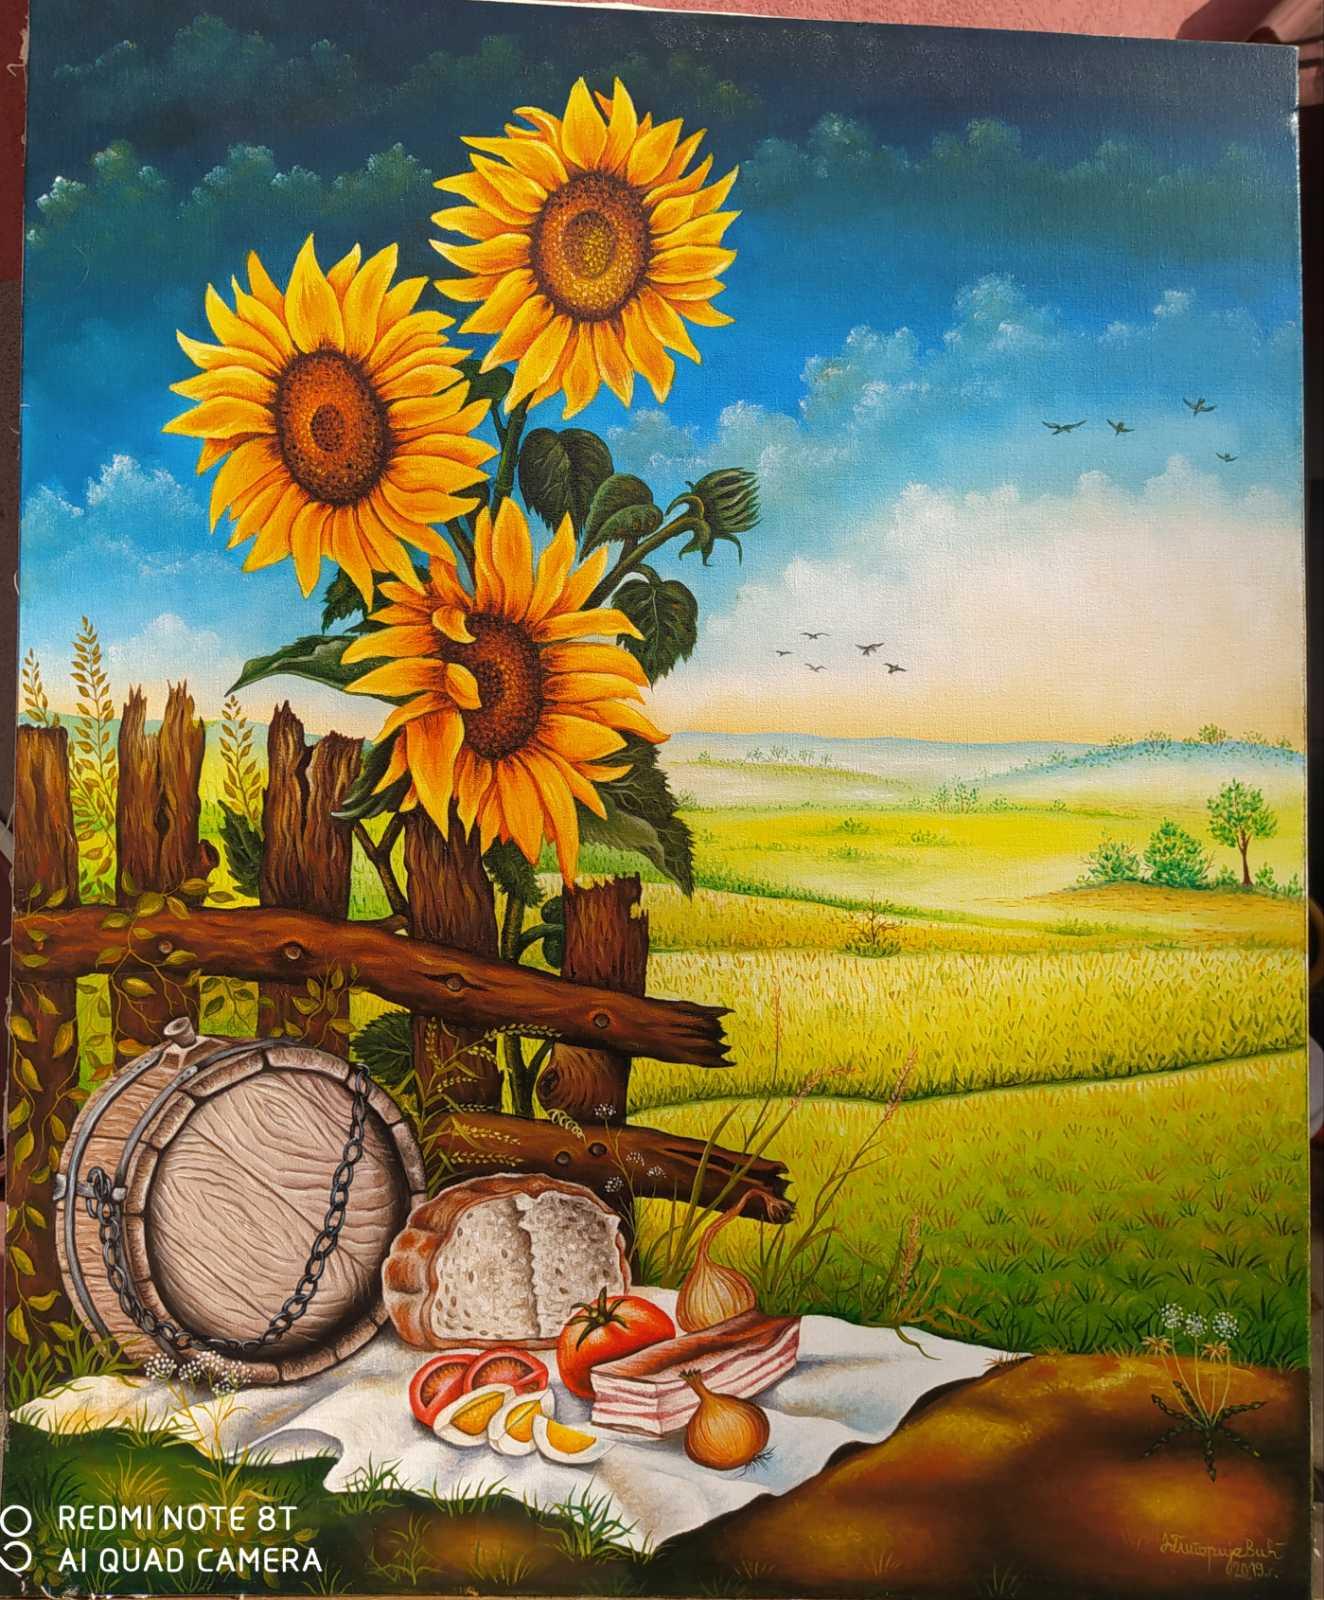 Doručak u polju, 80x65, 280 evra